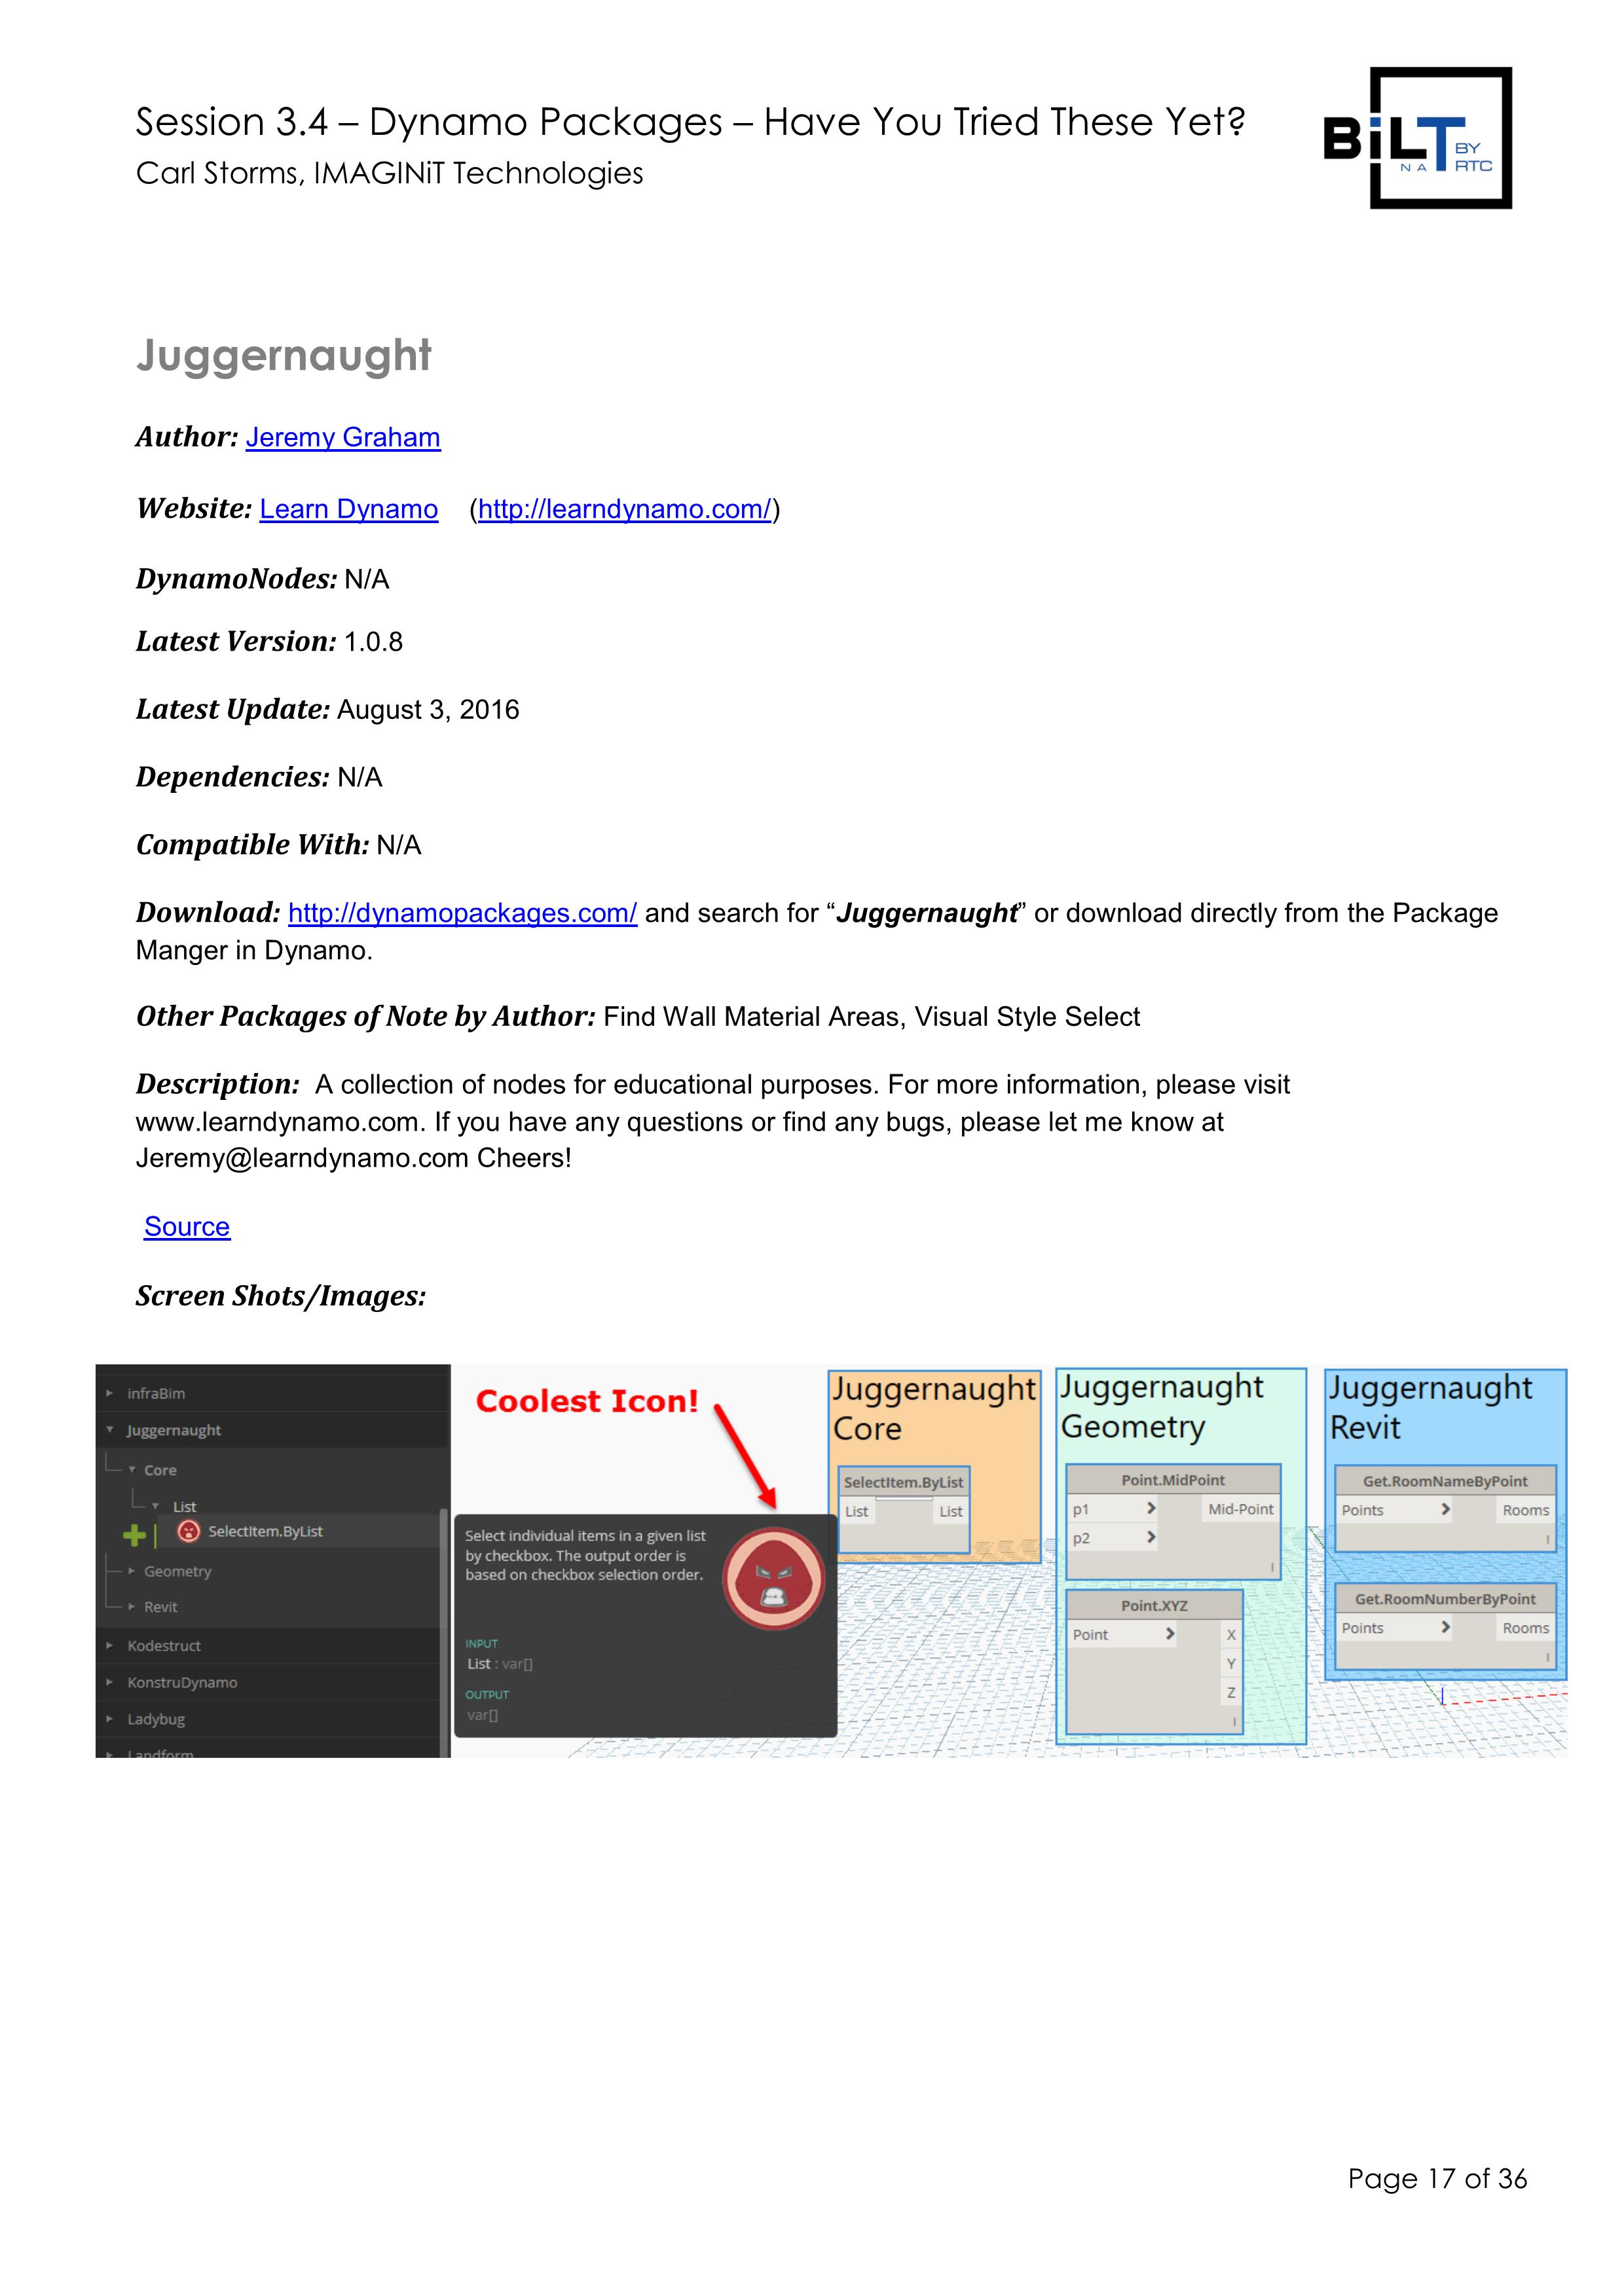 DynamoPackagesHaveYouTried Page 017.jpg